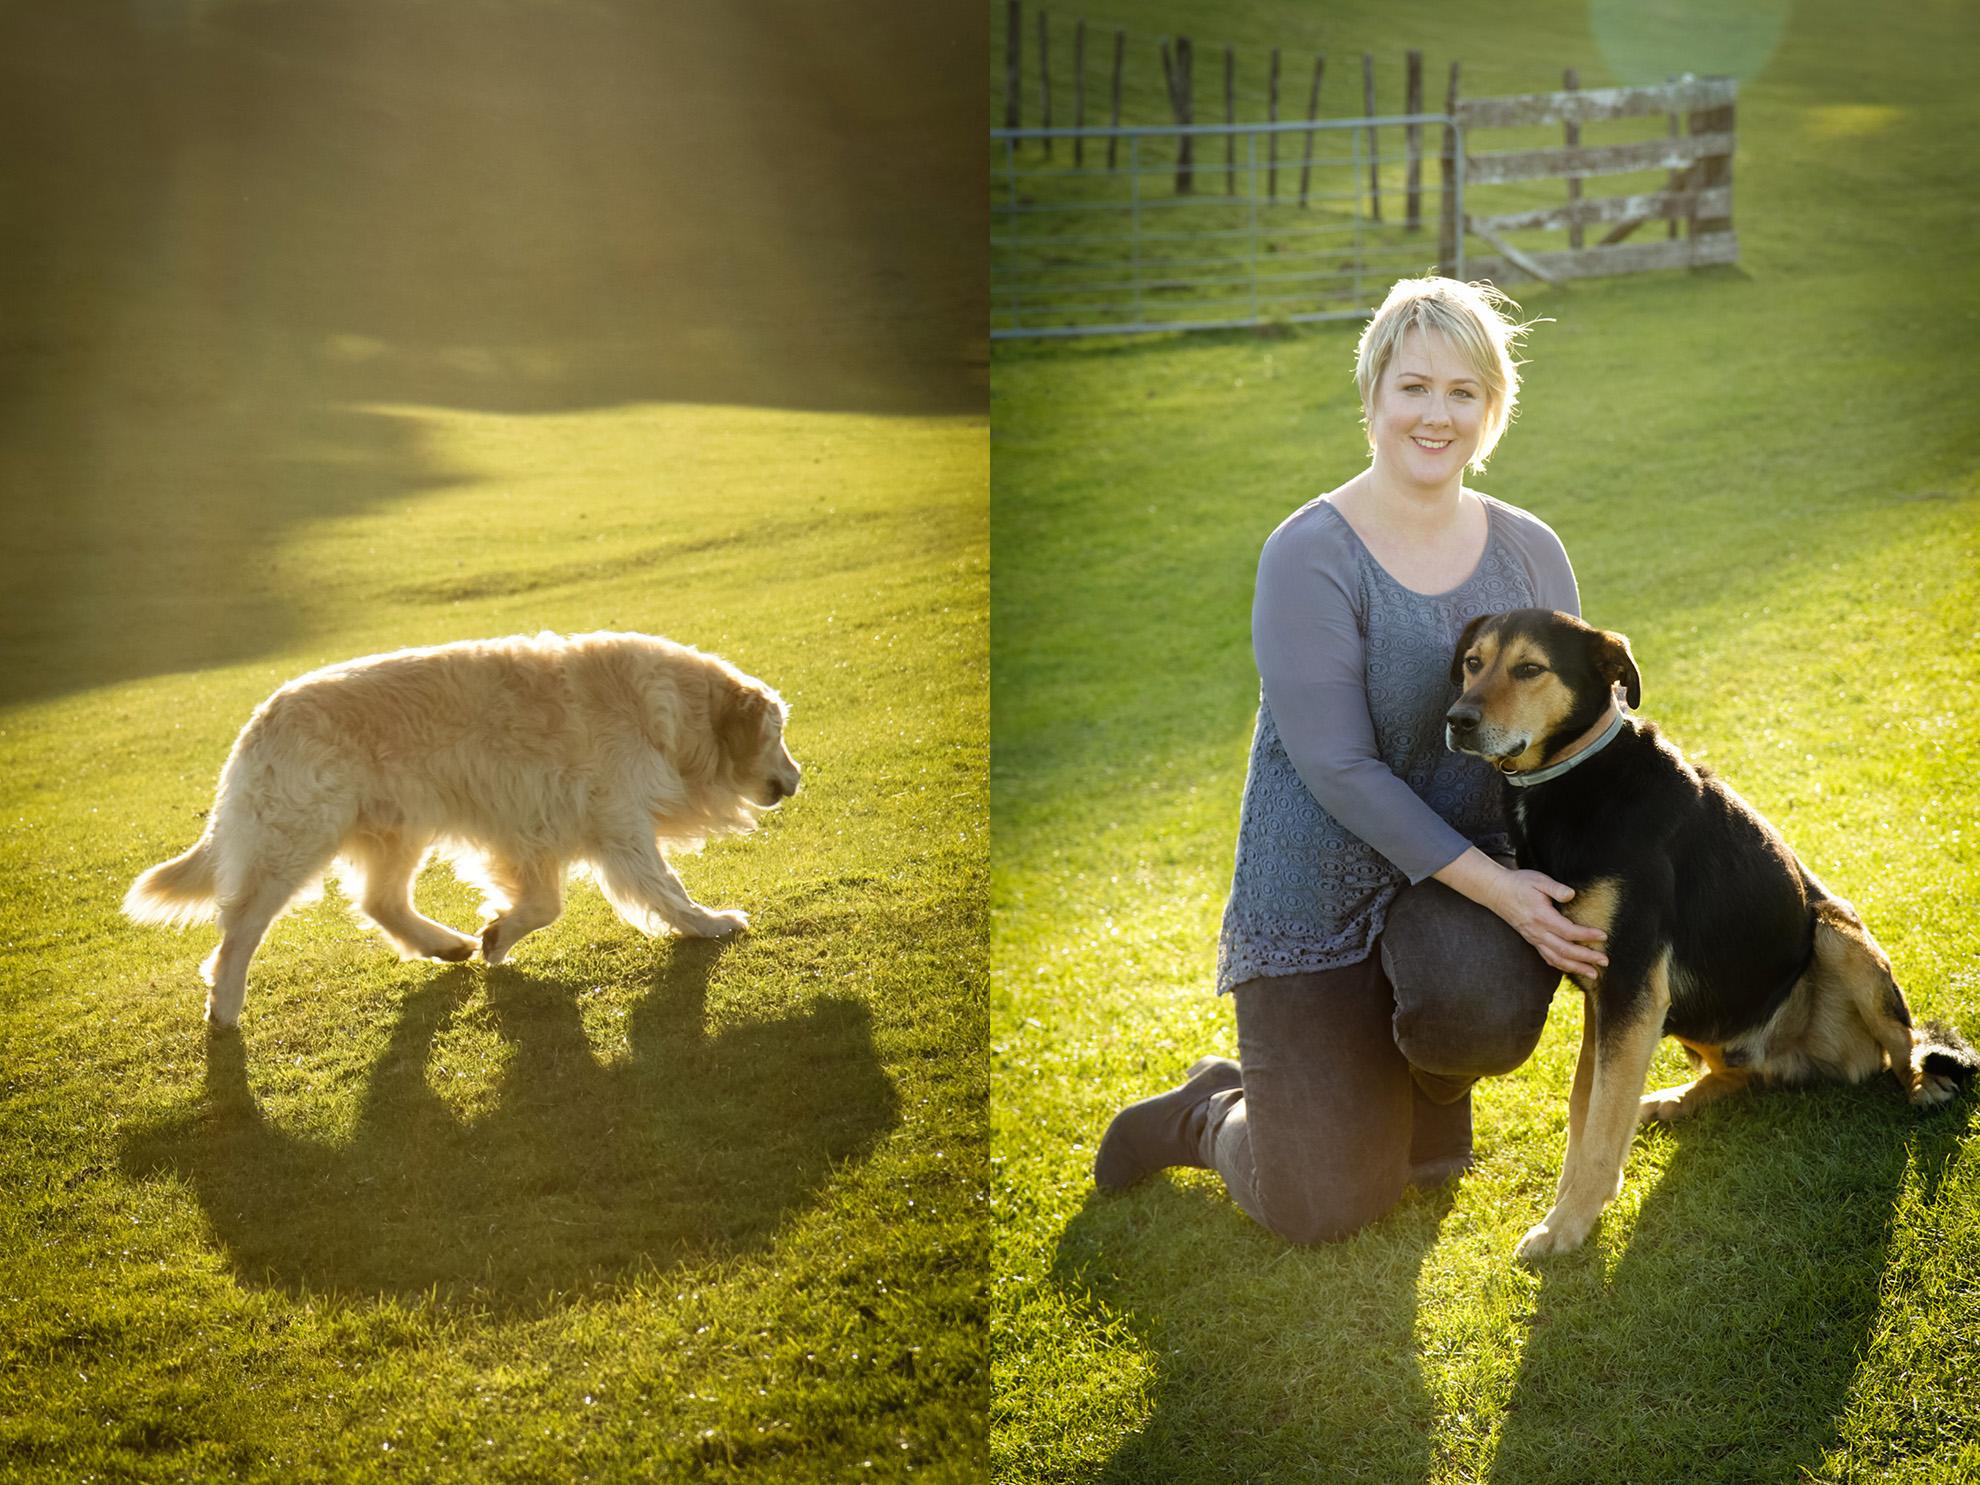 Hamilton-family-photographer-4-legged-family-included.jpg